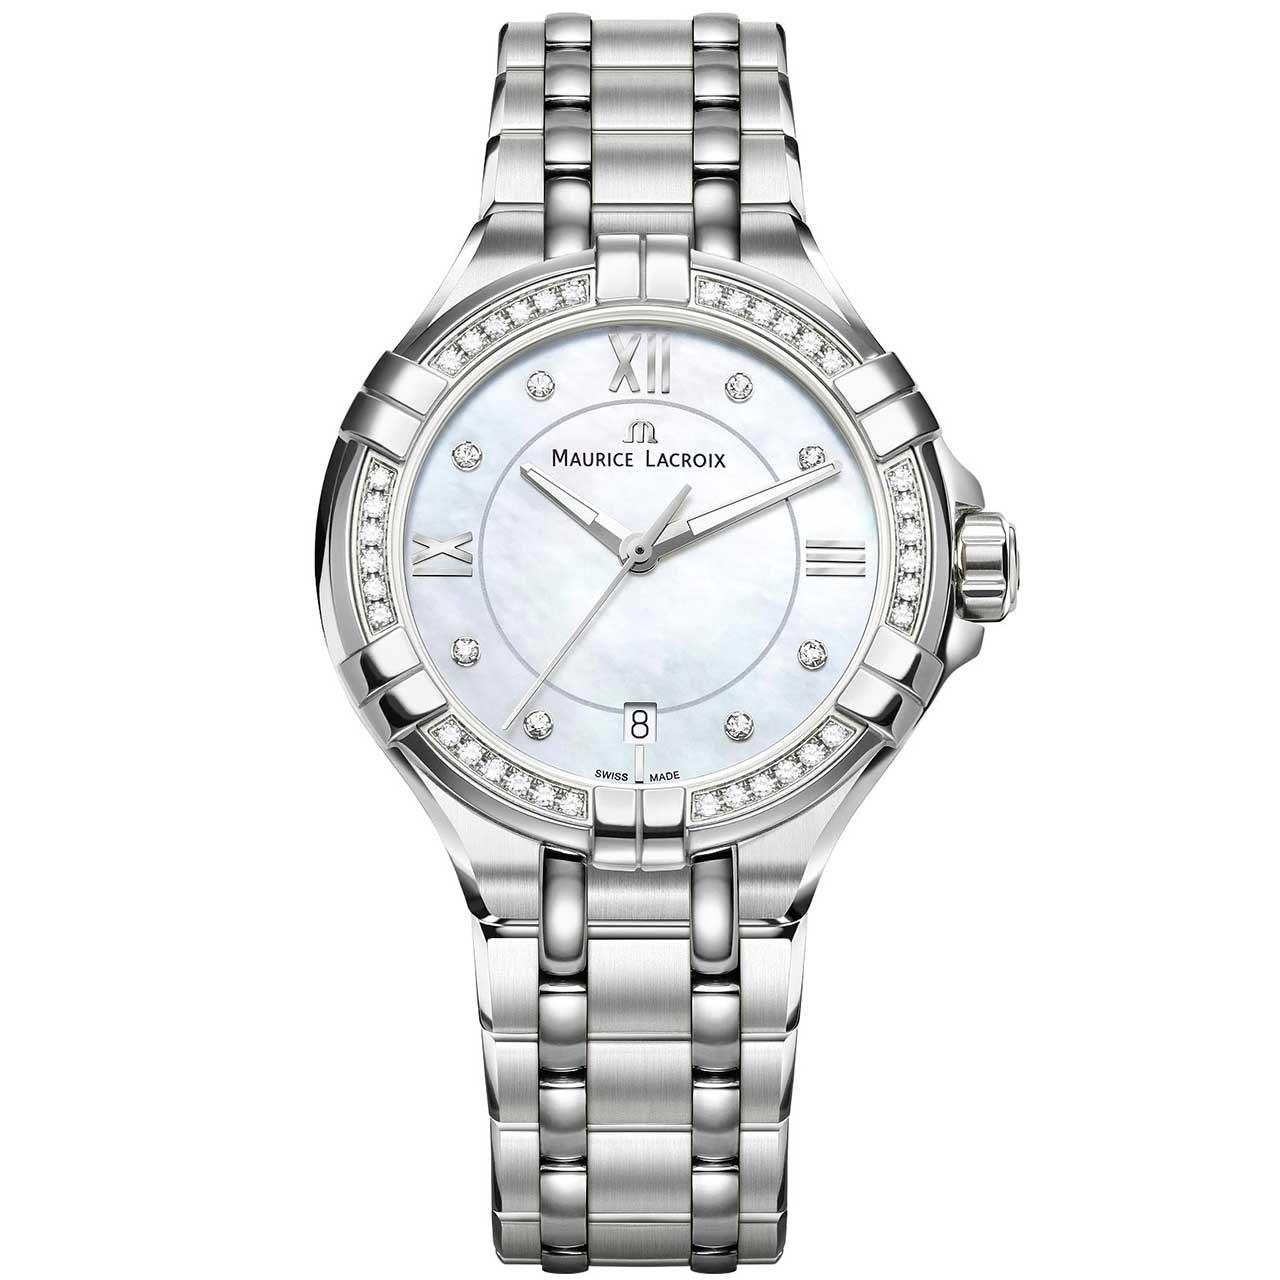 ساعت مچی عقربه ای زنانه موریس لاکروا مدل AI1006-SD502-170-1